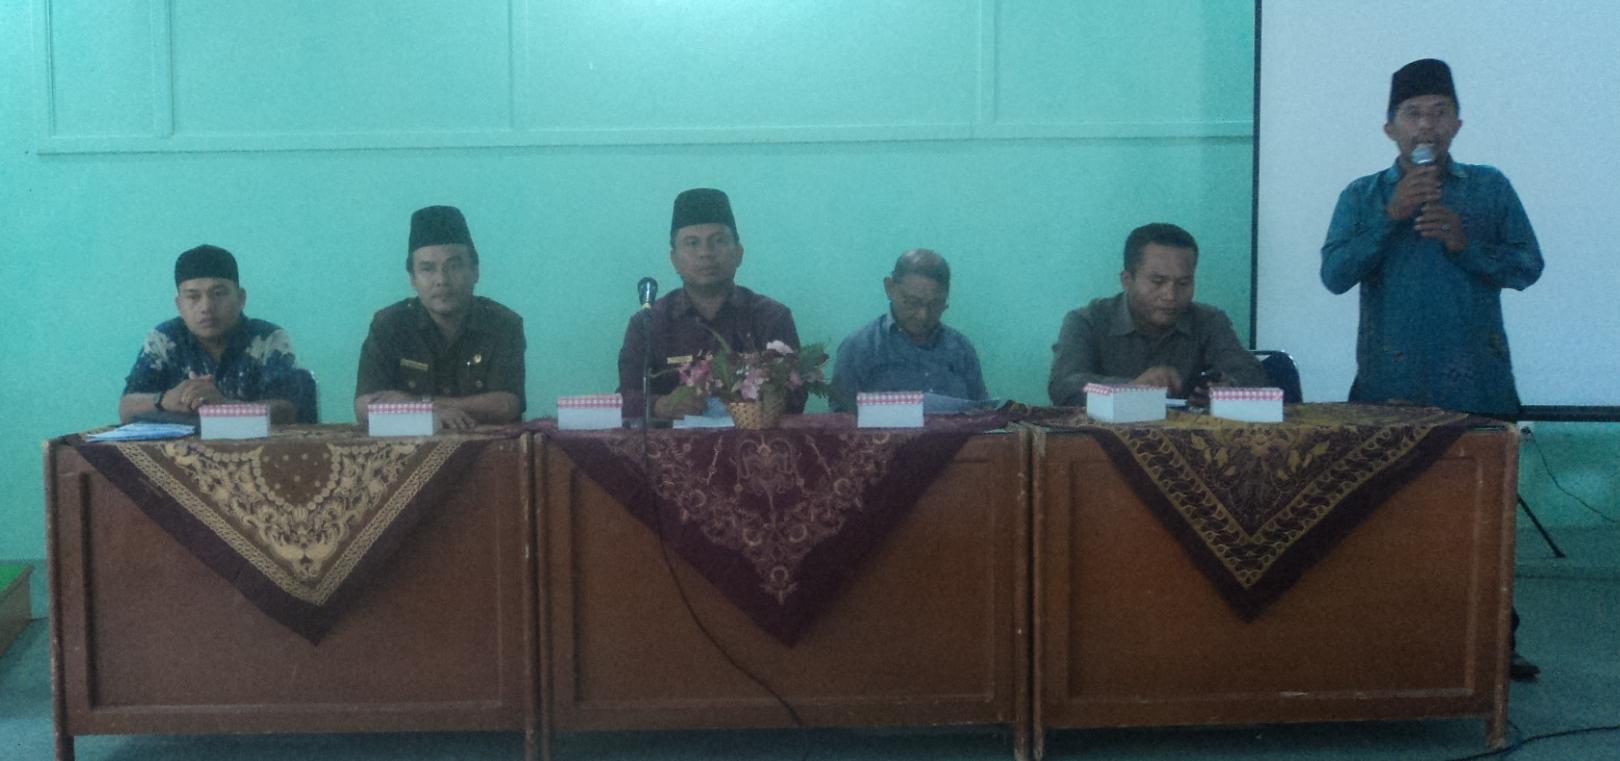 Persiapan Ujian Akhir Mdt Dan Tpq Kota Padang Kementerian Agama Provinsi Sumatera Barat